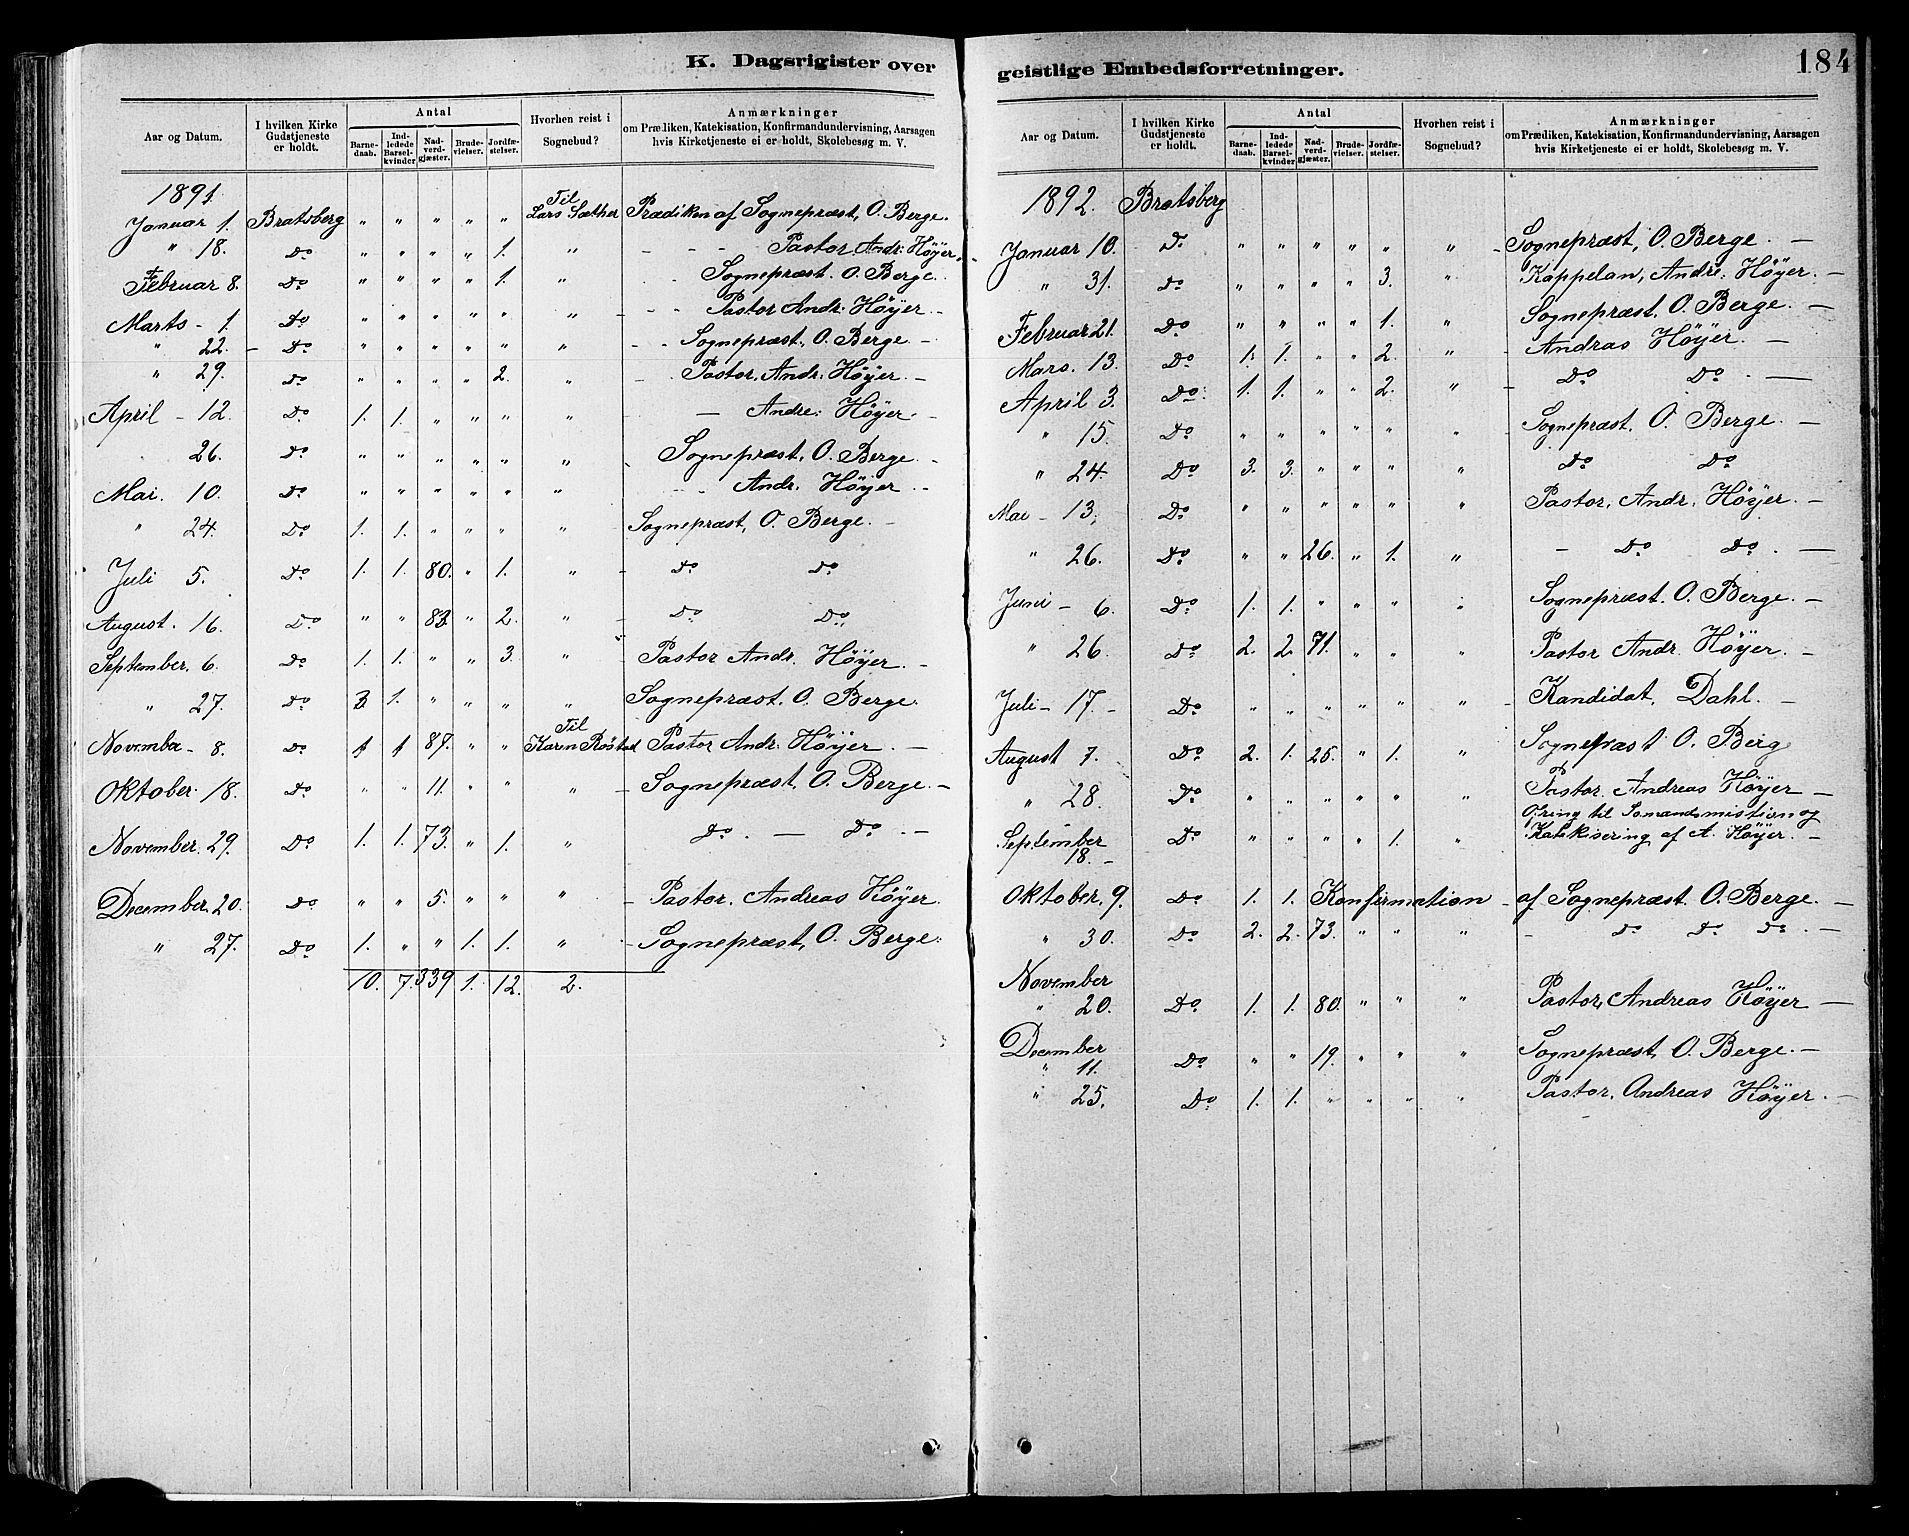 SAT, Ministerialprotokoller, klokkerbøker og fødselsregistre - Sør-Trøndelag, 608/L0341: Klokkerbok nr. 608C07, 1890-1912, s. 184